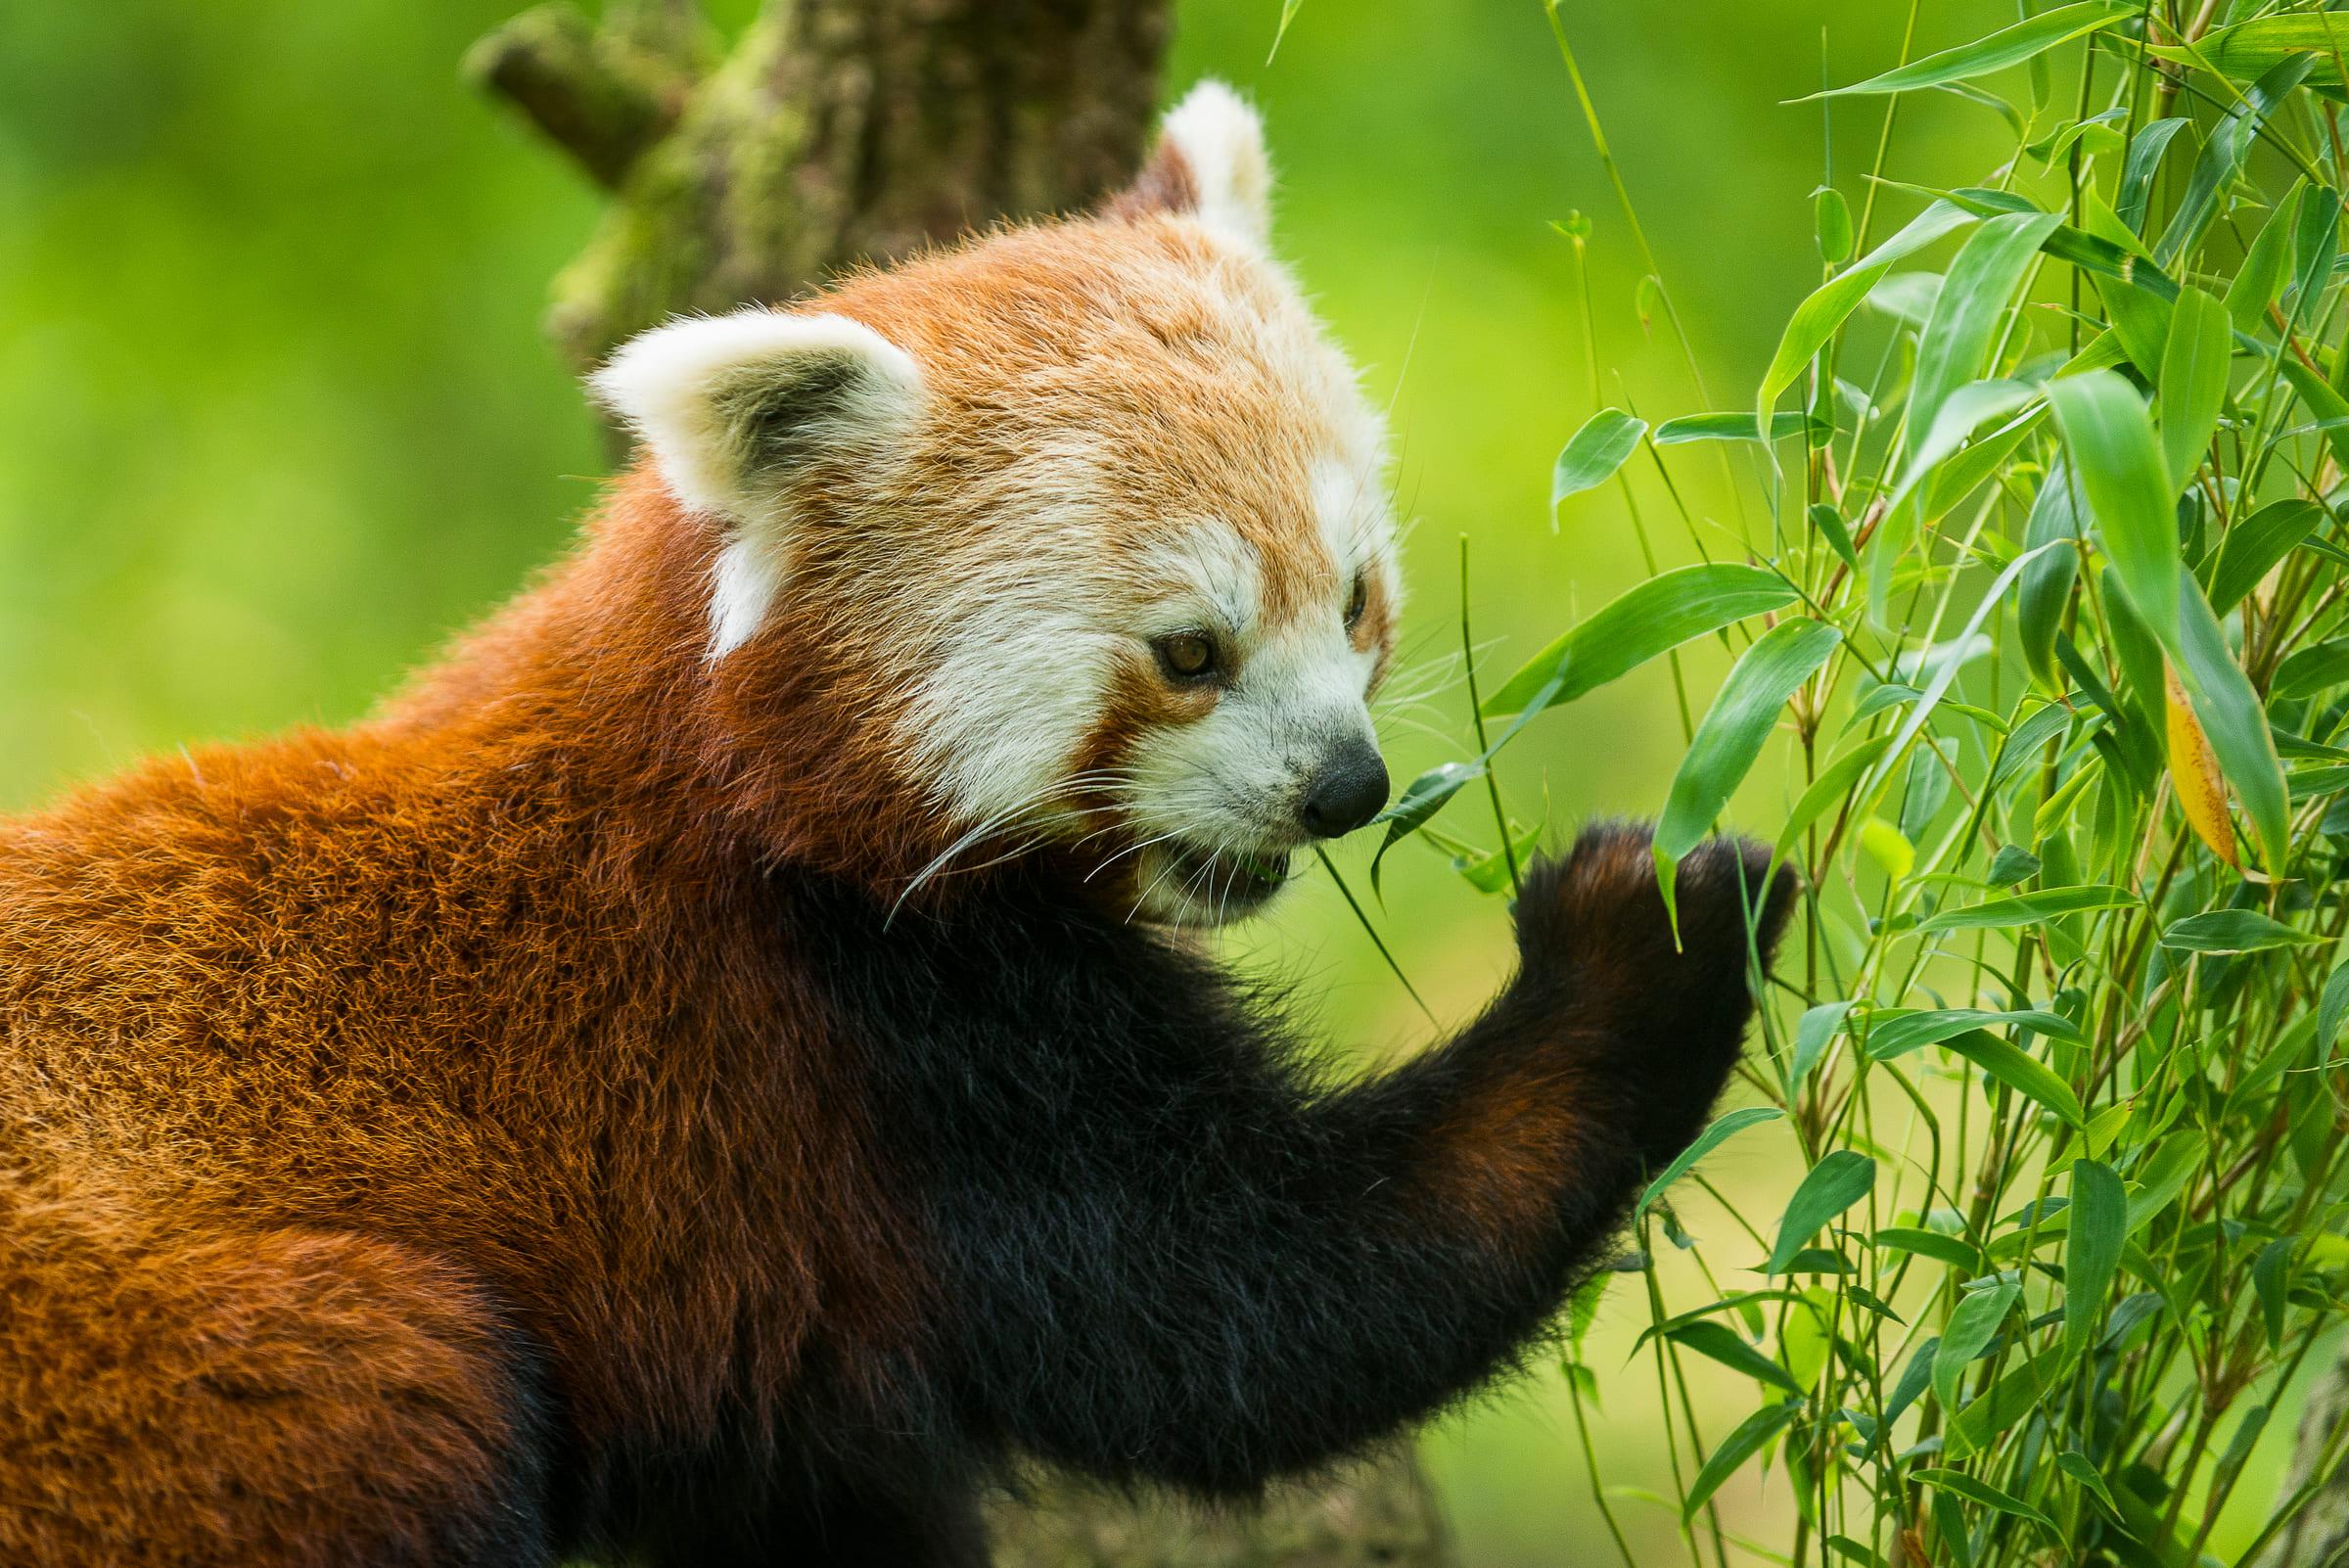 Un panda roux mange des bambous.